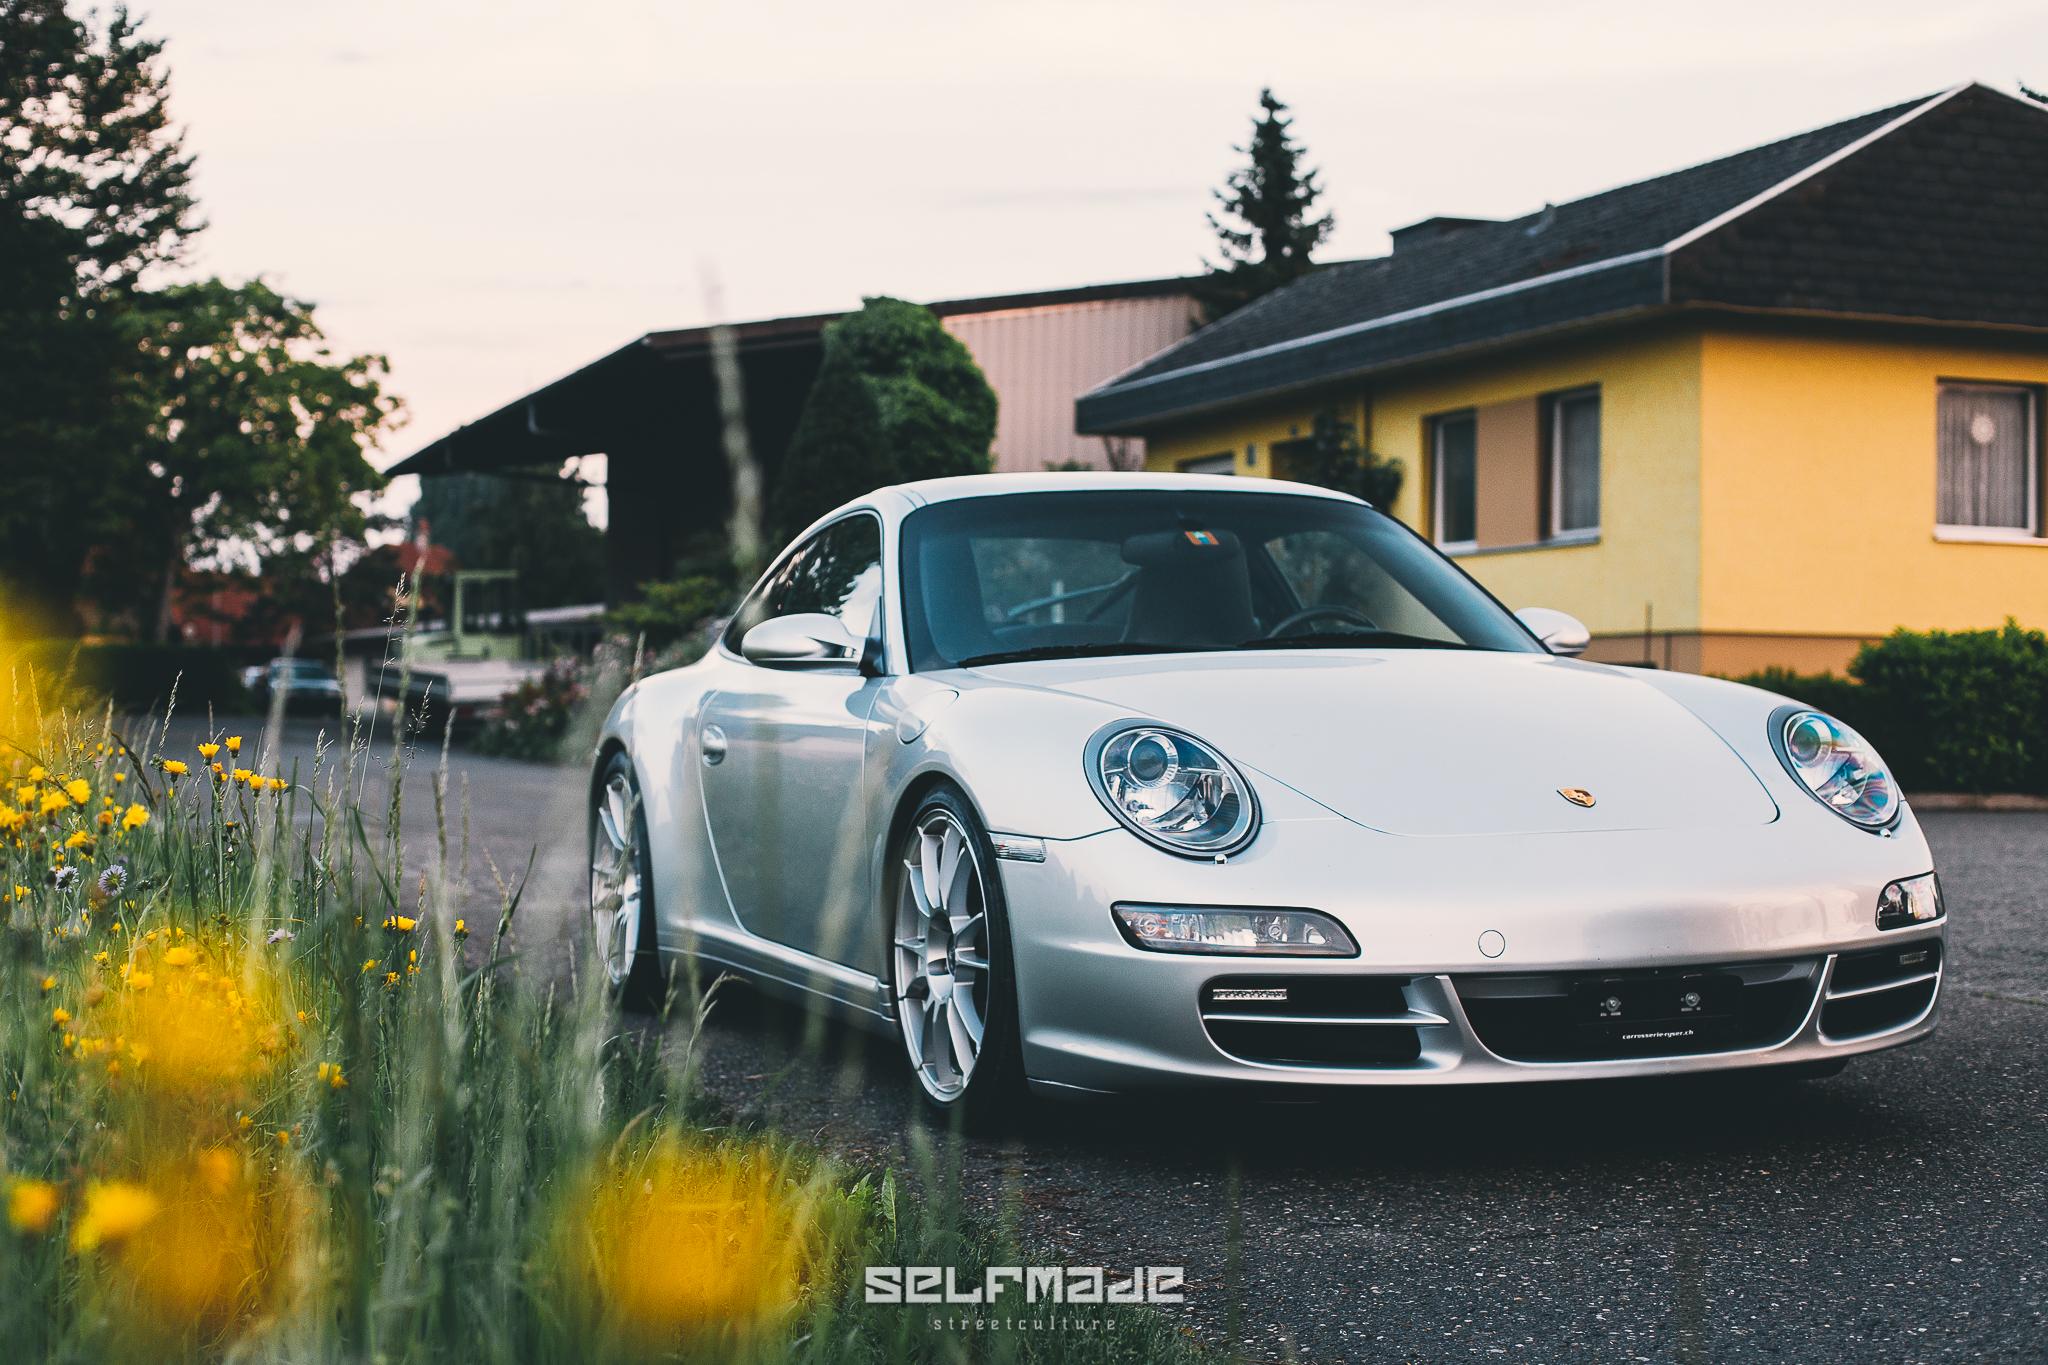 Porsche911_Selfmade (25).jpg